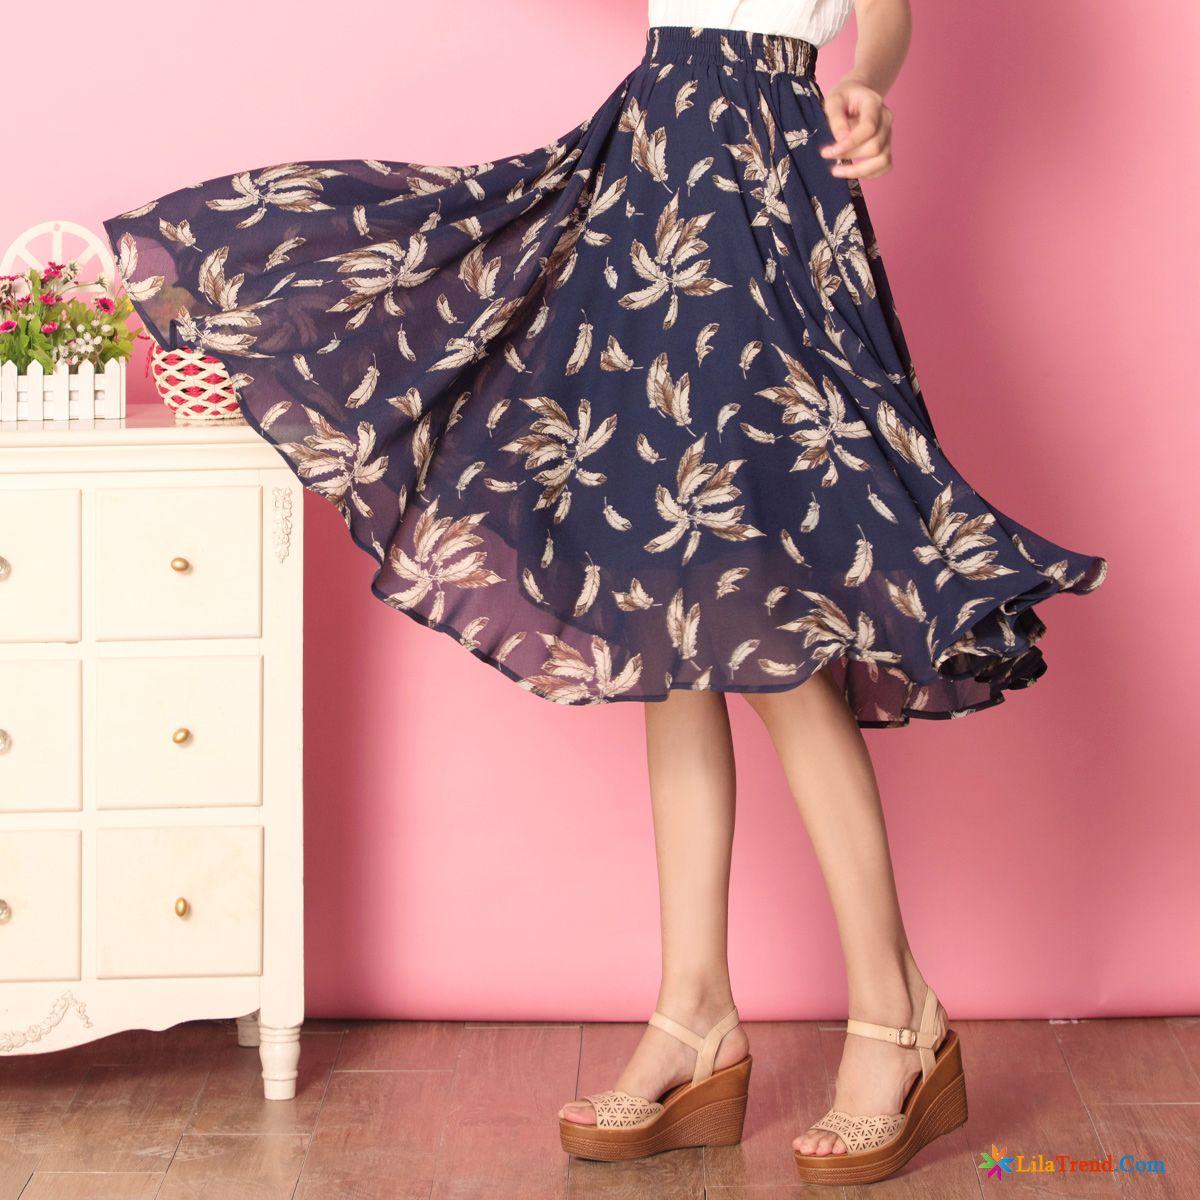 finest selection 39590 75755 Röcke Für Damen Günstig Online Kaufen | Lilatrend.com - seite 4